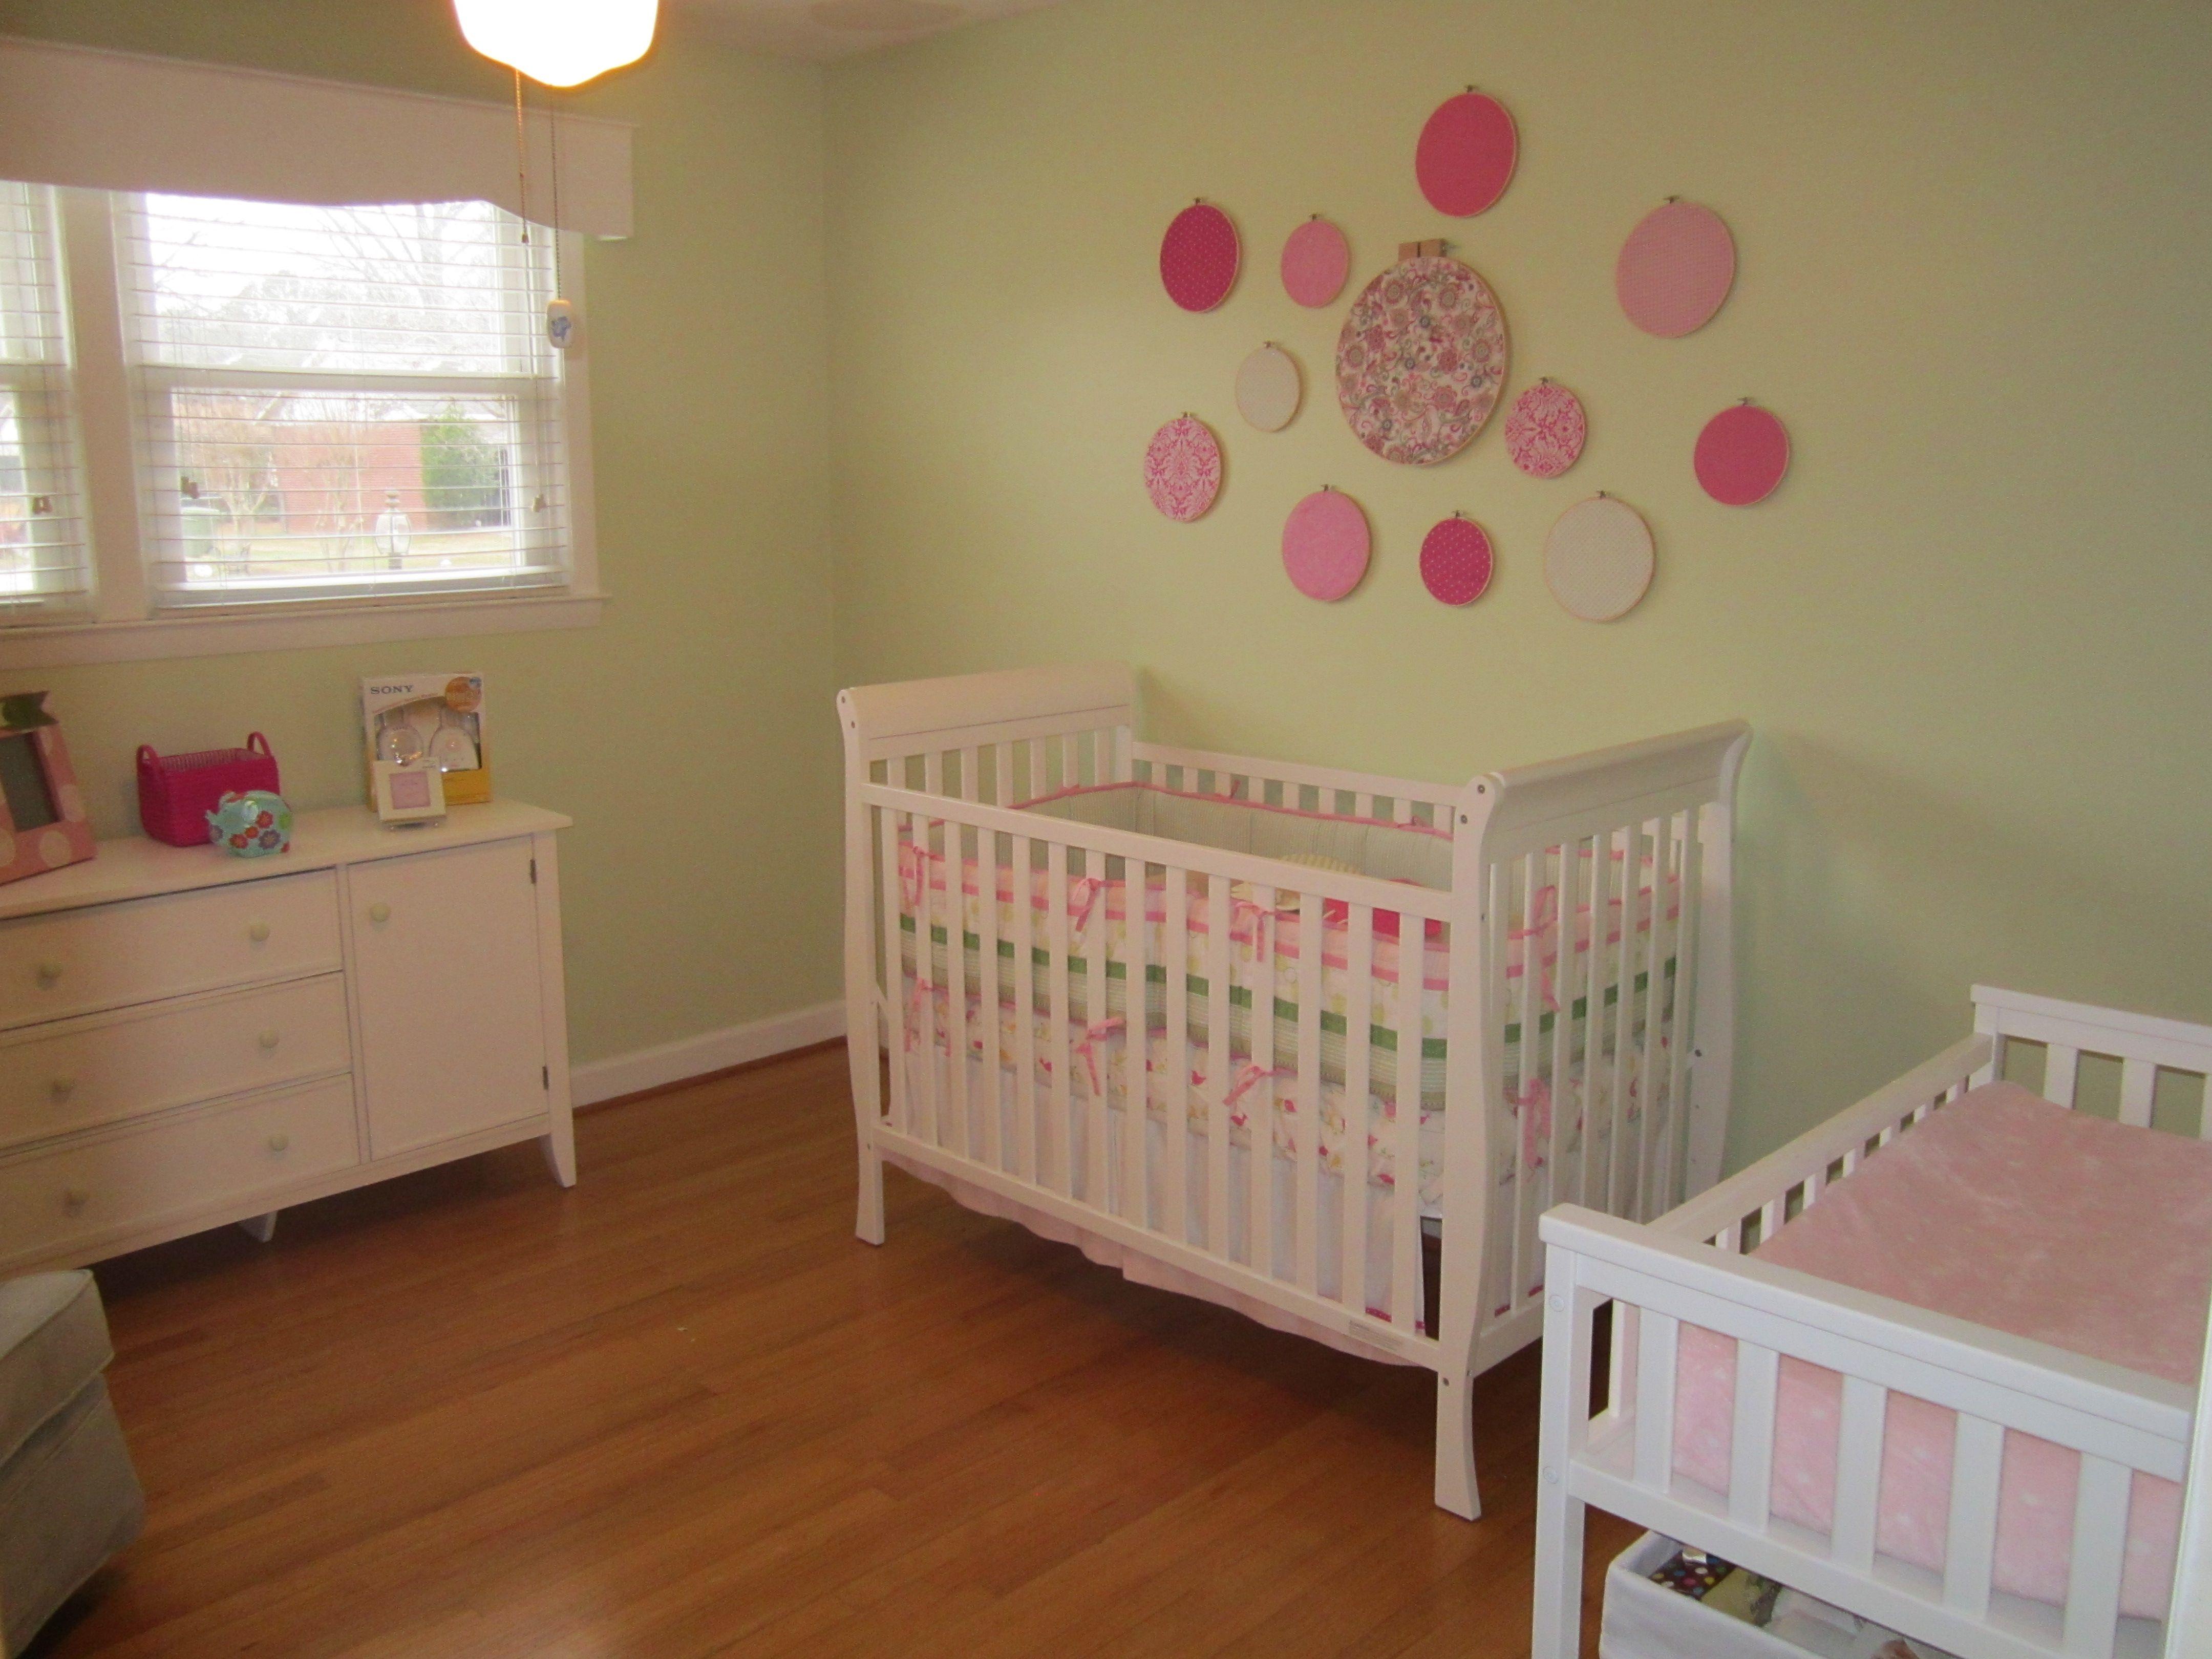 My Baby Girl S Nursery: My Baby Girl's Nursery. Walls Are Valspar Honey Dew. Hoops